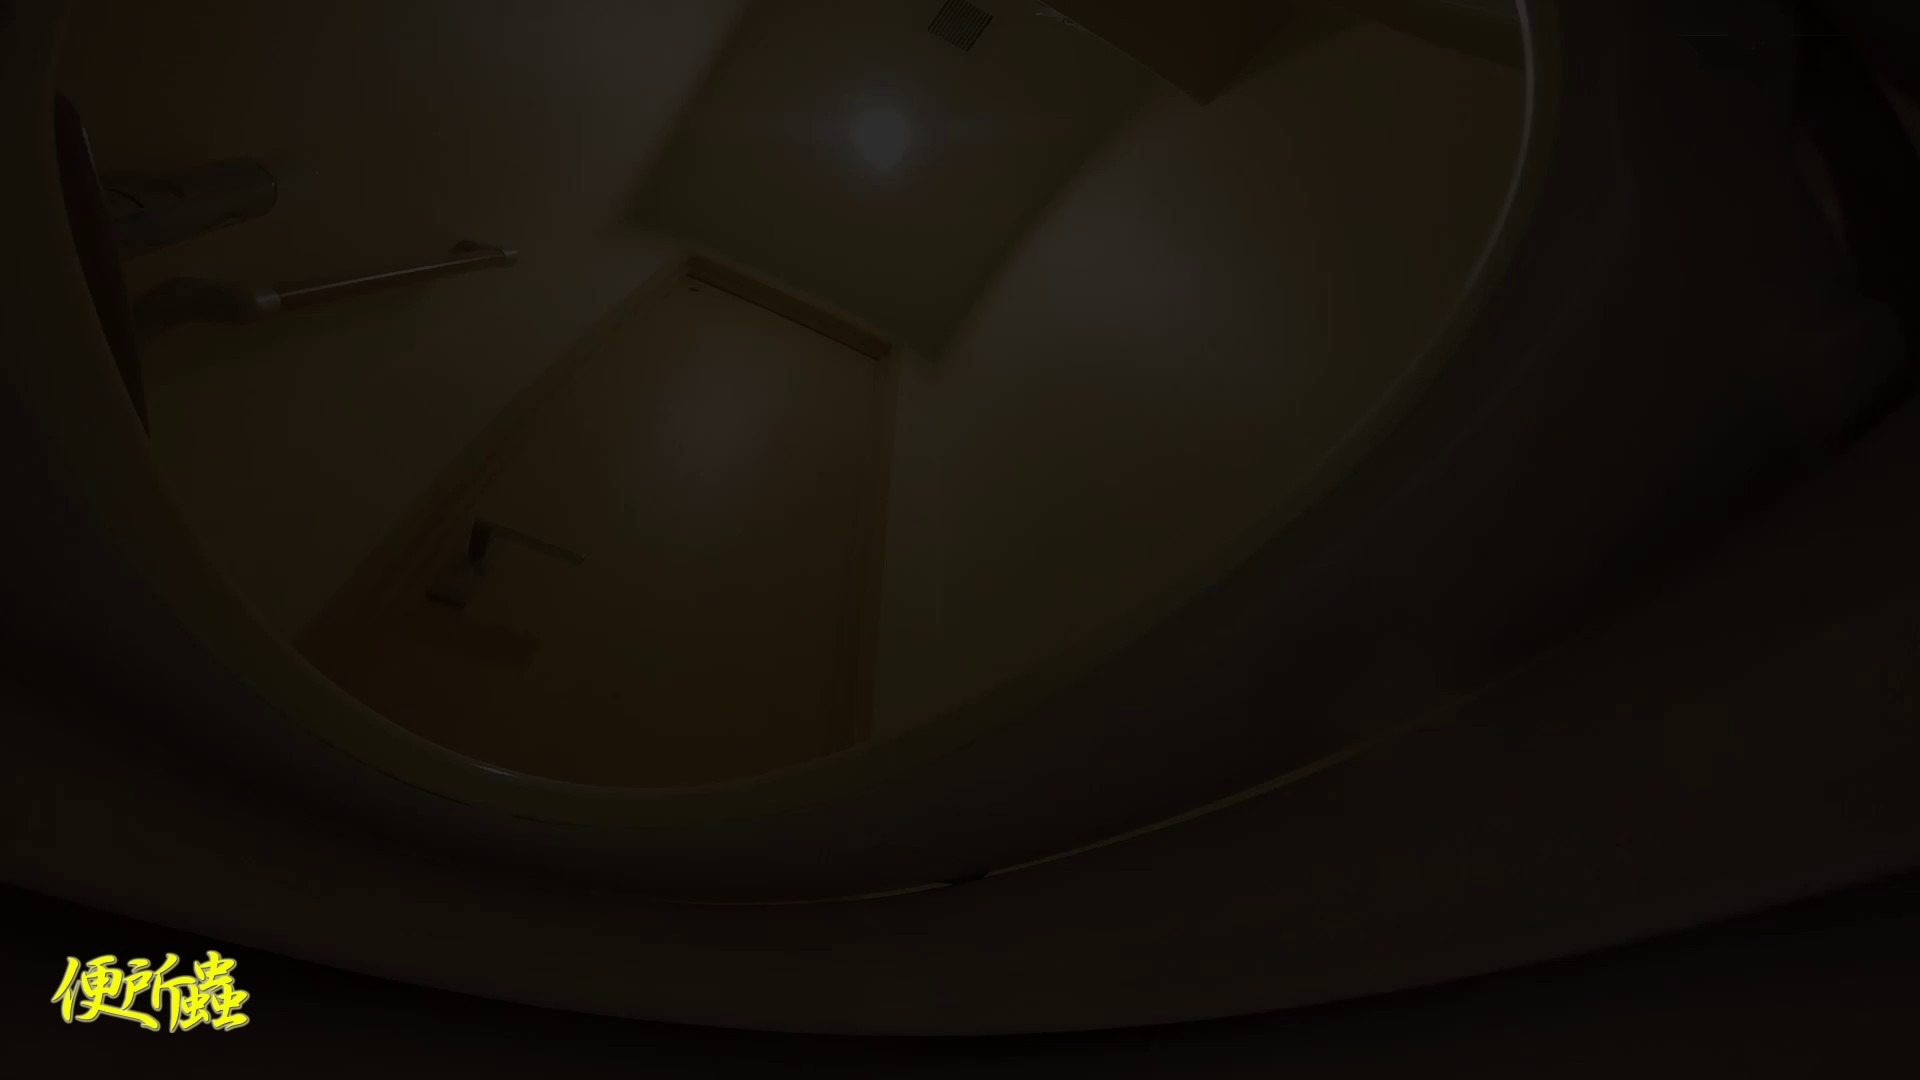 7名登場※【洗面所盗撮vol.21便所蟲さんのリターン~寺子屋洗面所盗撮~ 便所  91pic 72